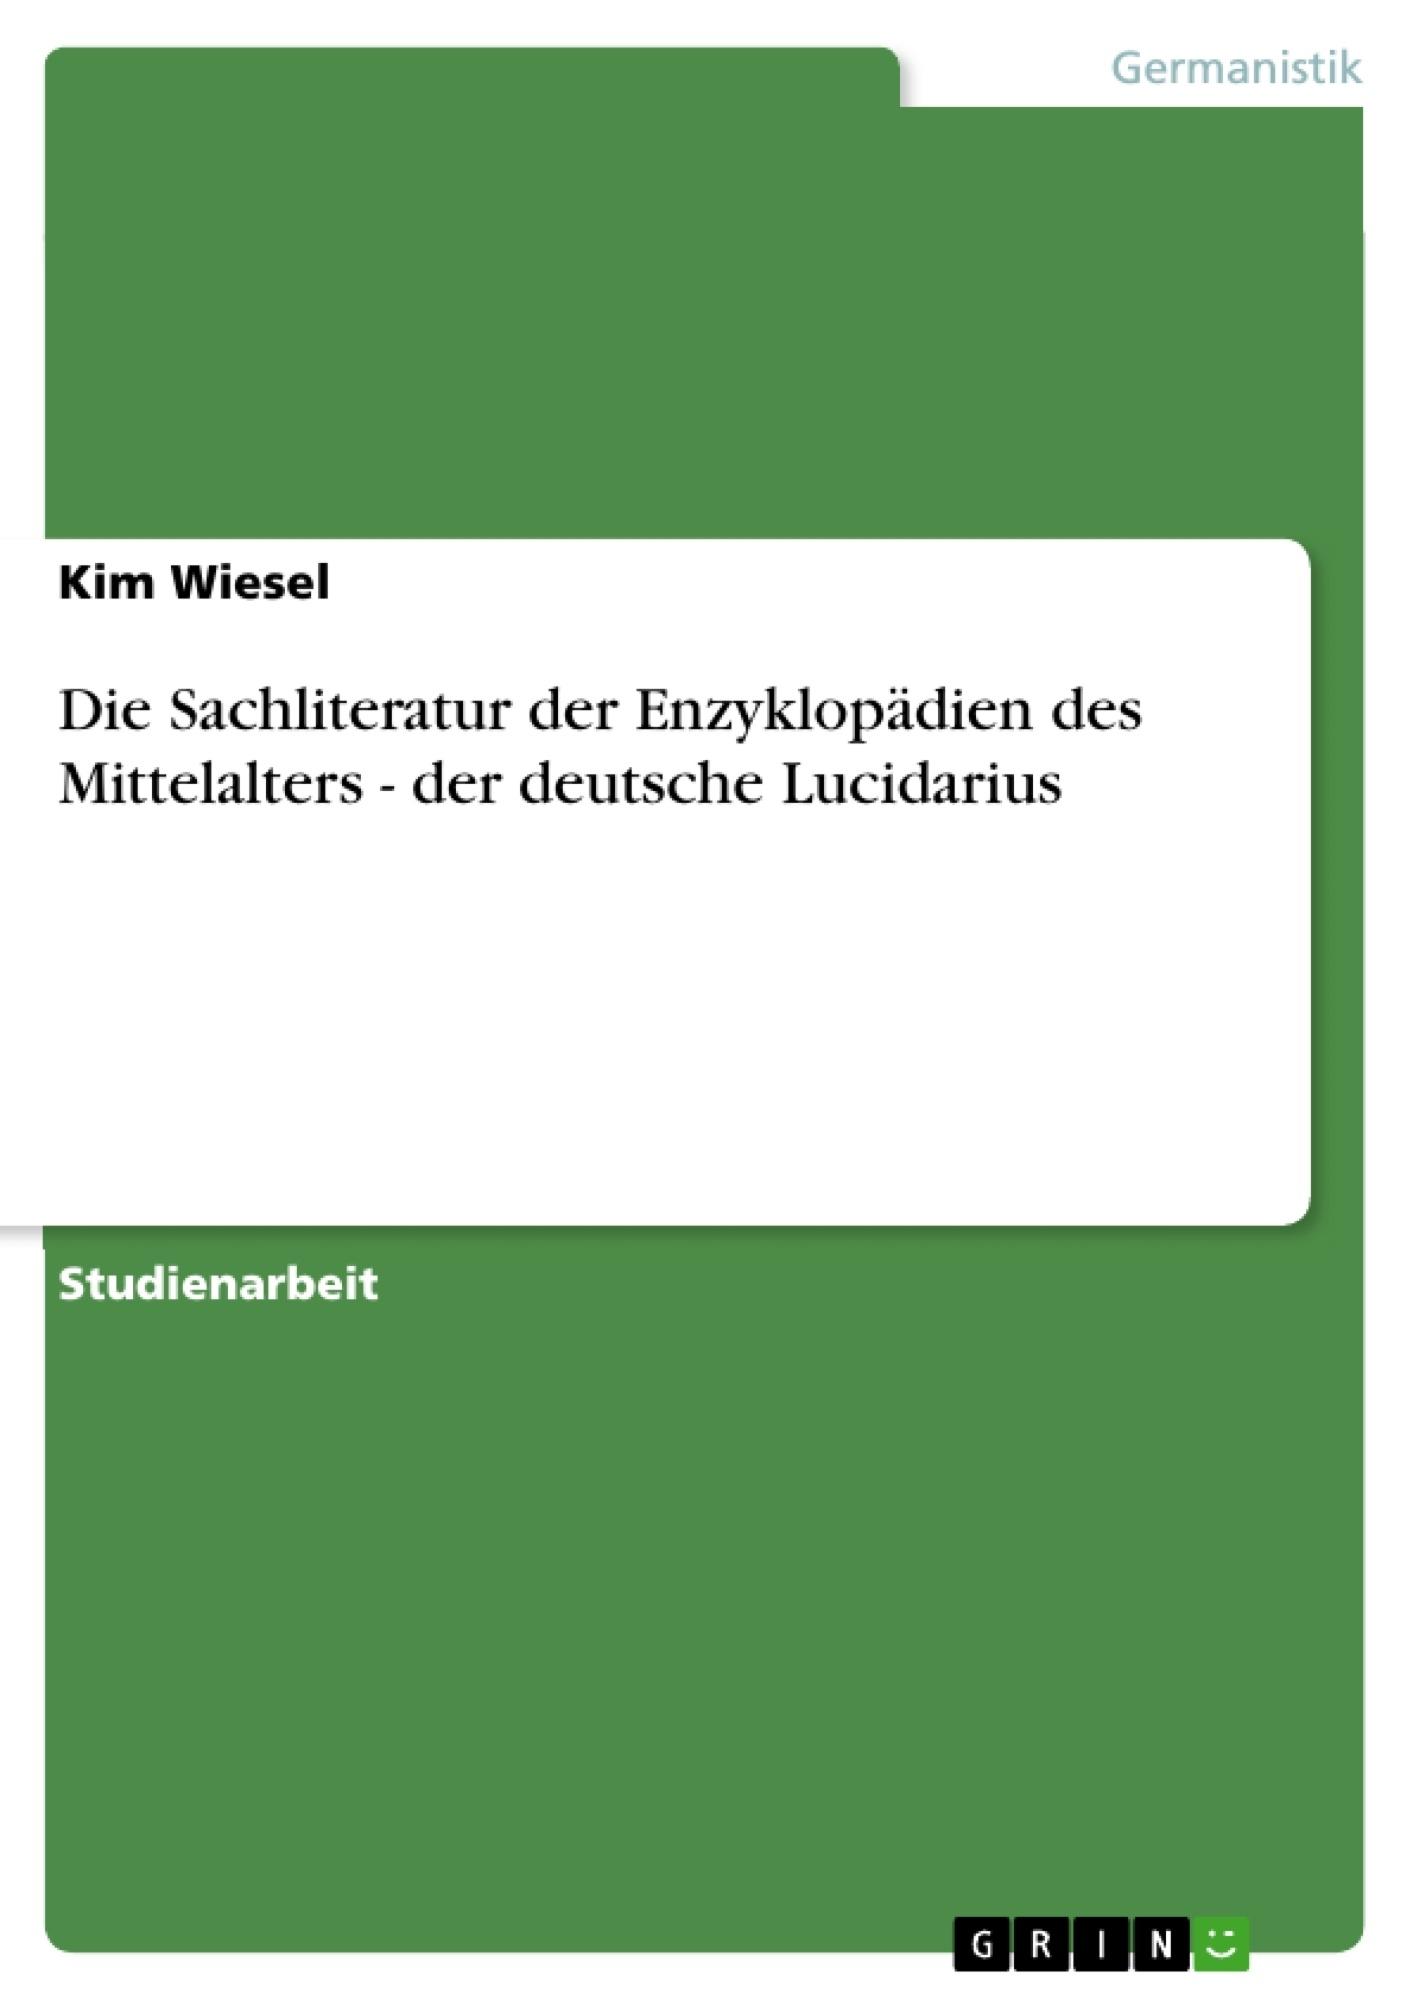 Titel: Die Sachliteratur der Enzyklopädien des Mittelalters - der deutsche Lucidarius